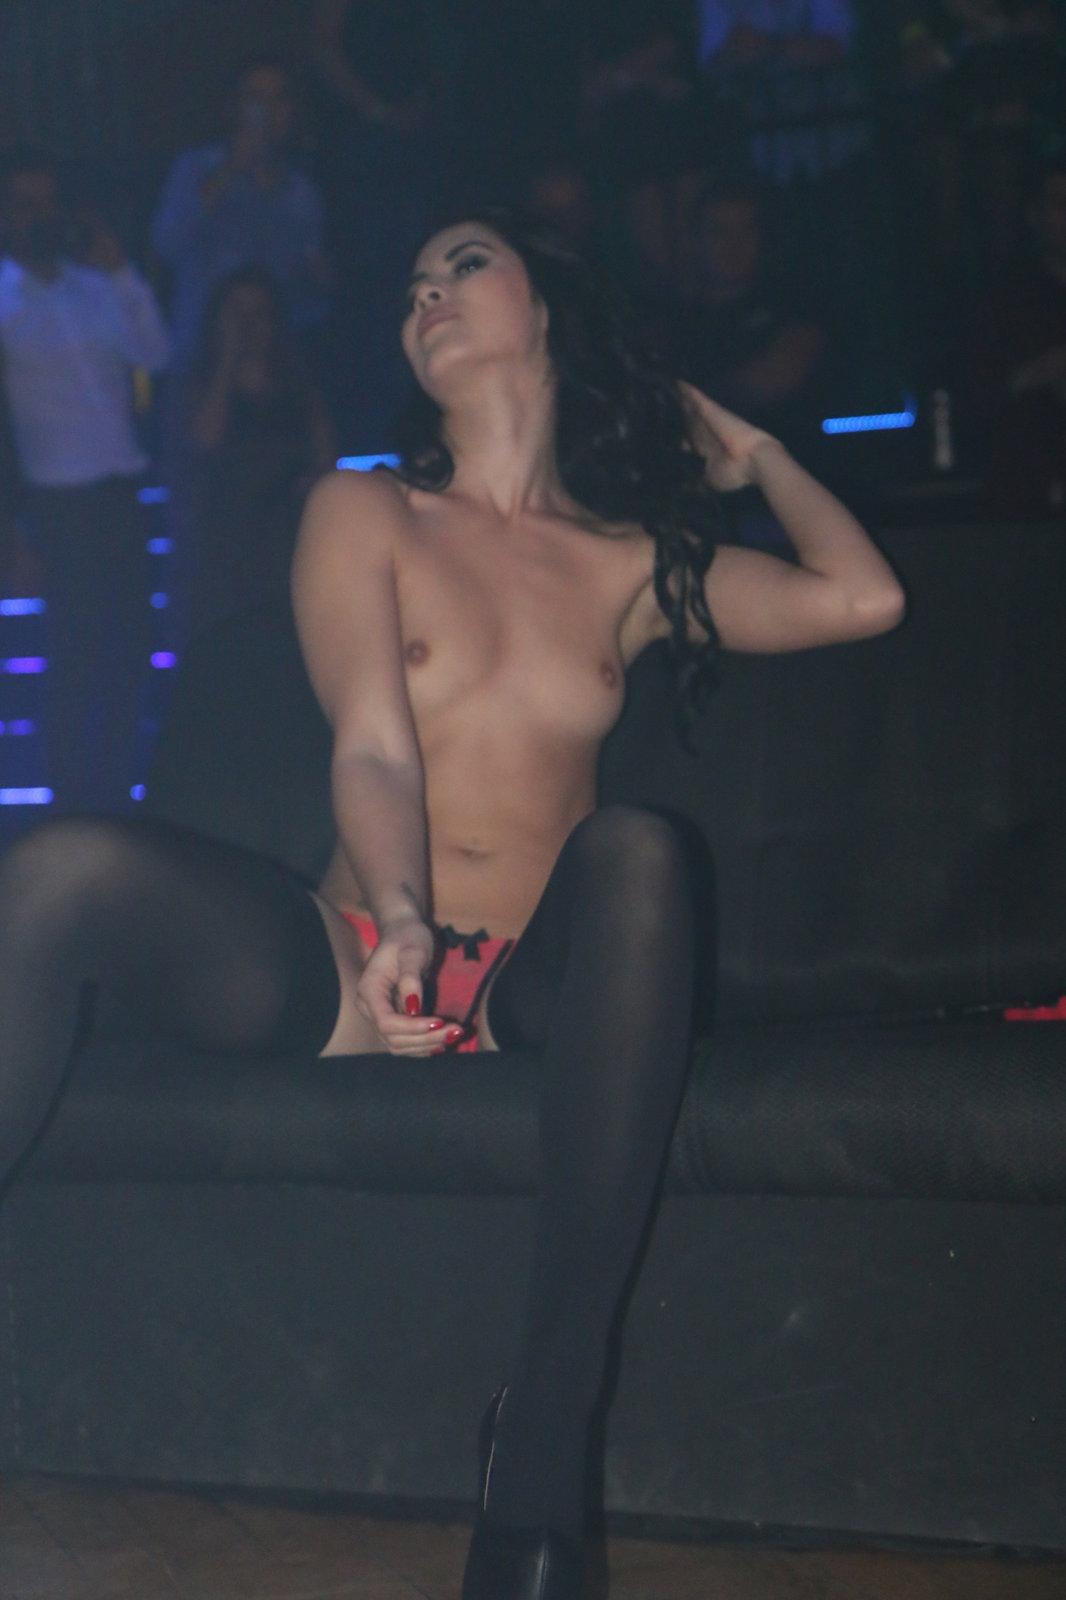 Šťavnatou show předvedla návštěvníkům hodonínského pornoplesu Lady Dee. Ples moderoval Robert Rosenberg, který bavil diváky soutěžemi a moderováním.